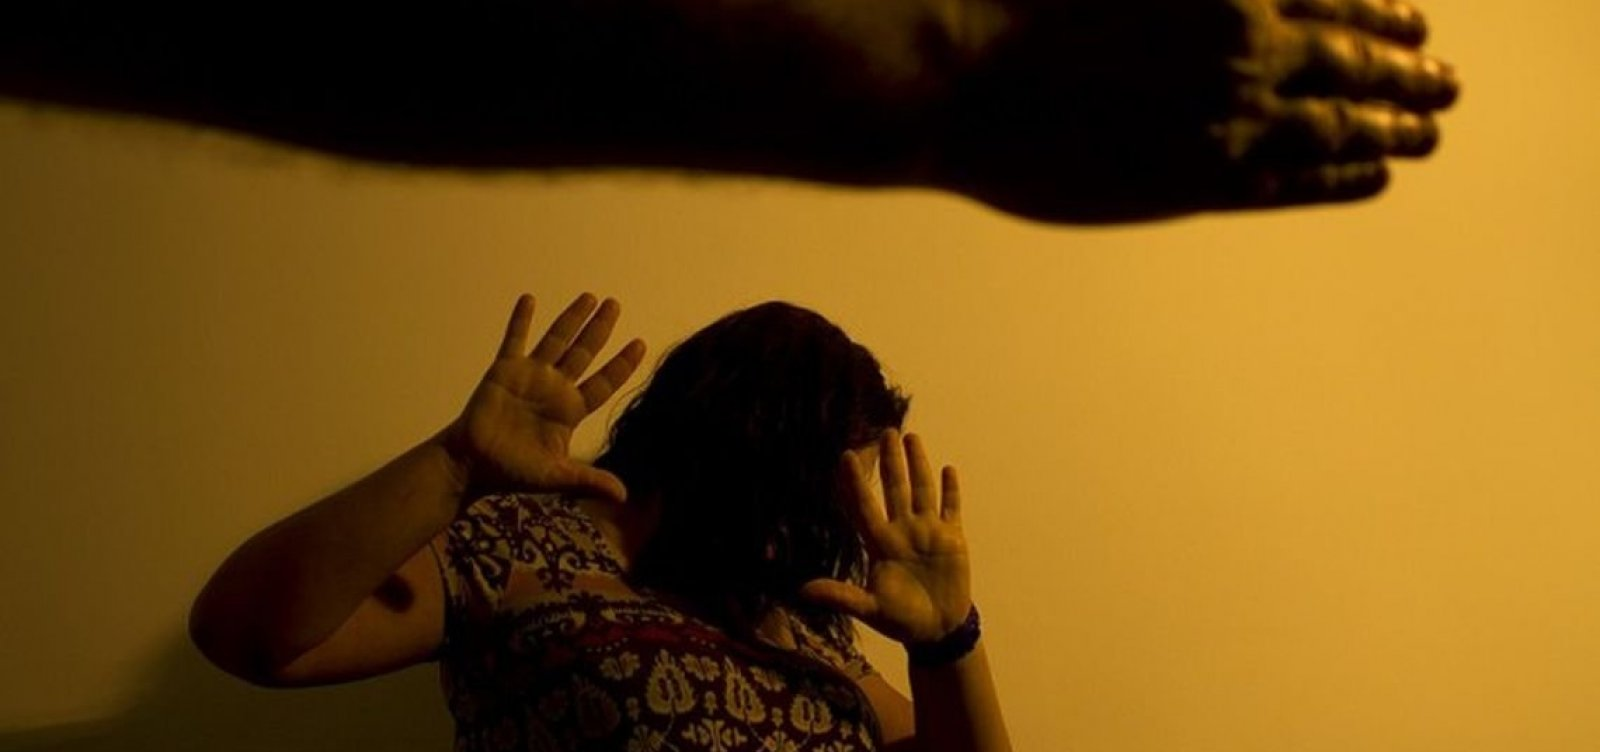 [Brasil tem um caso de agressão a mulher a cada 4 minutos]